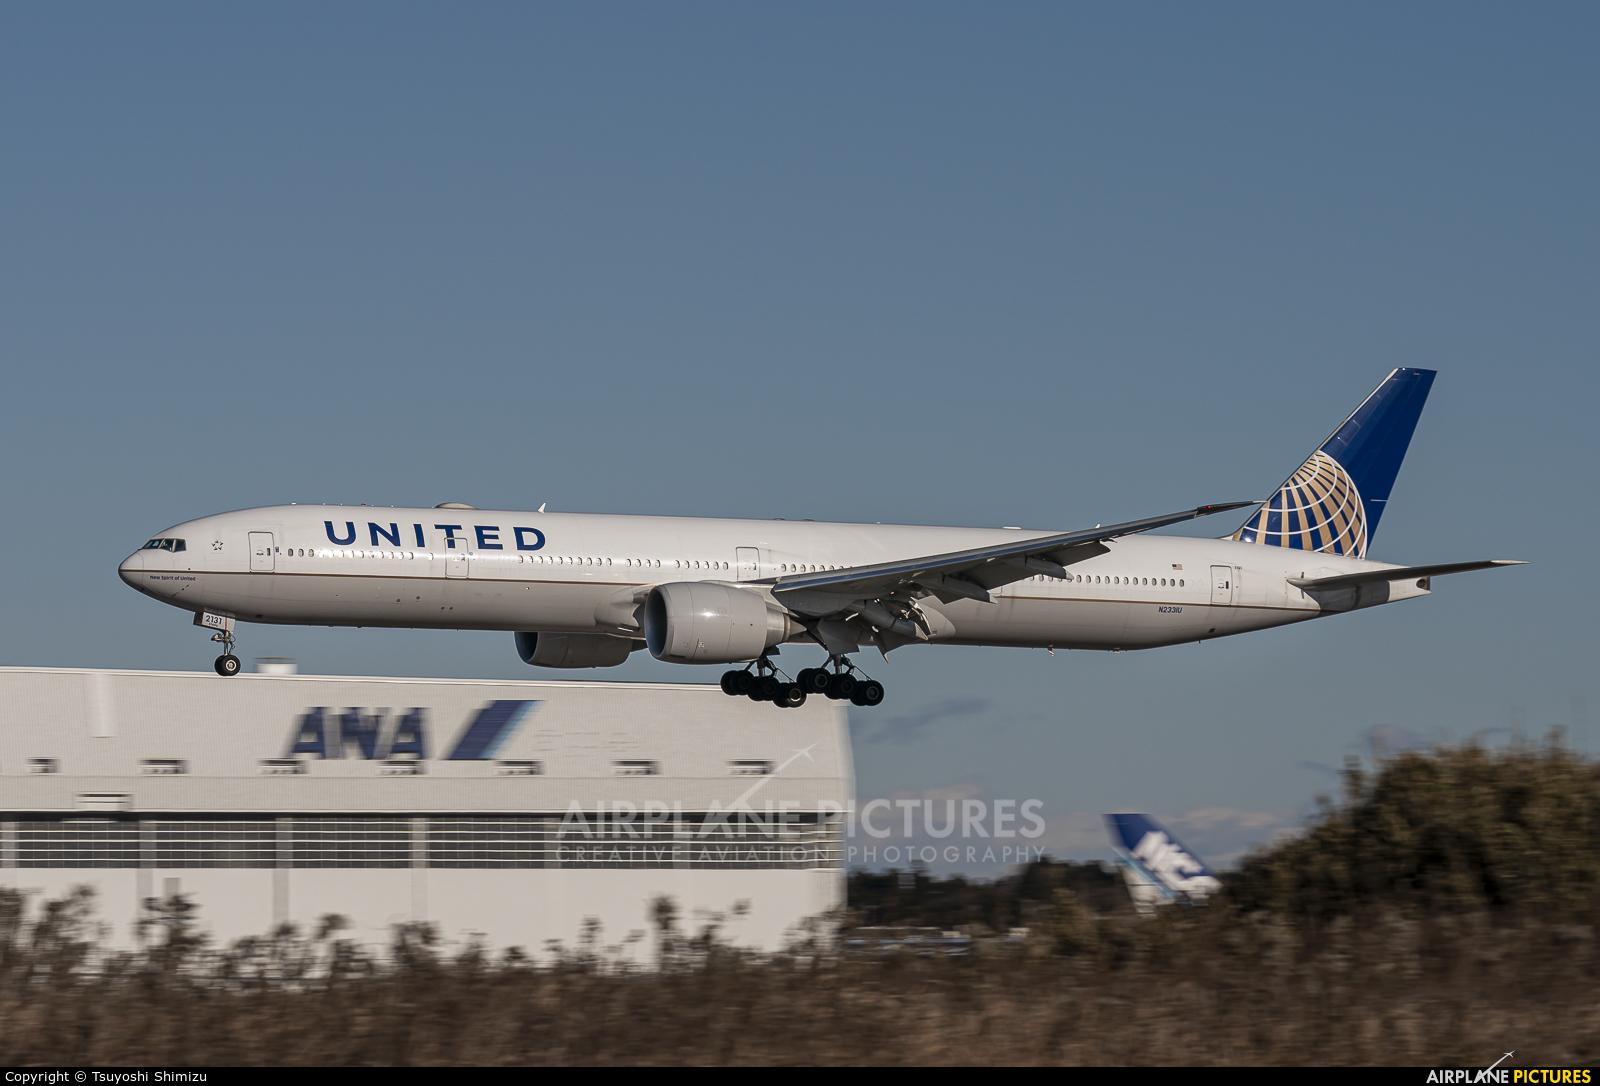 United Airlines N233IU aircraft at Tokyo - Narita Intl